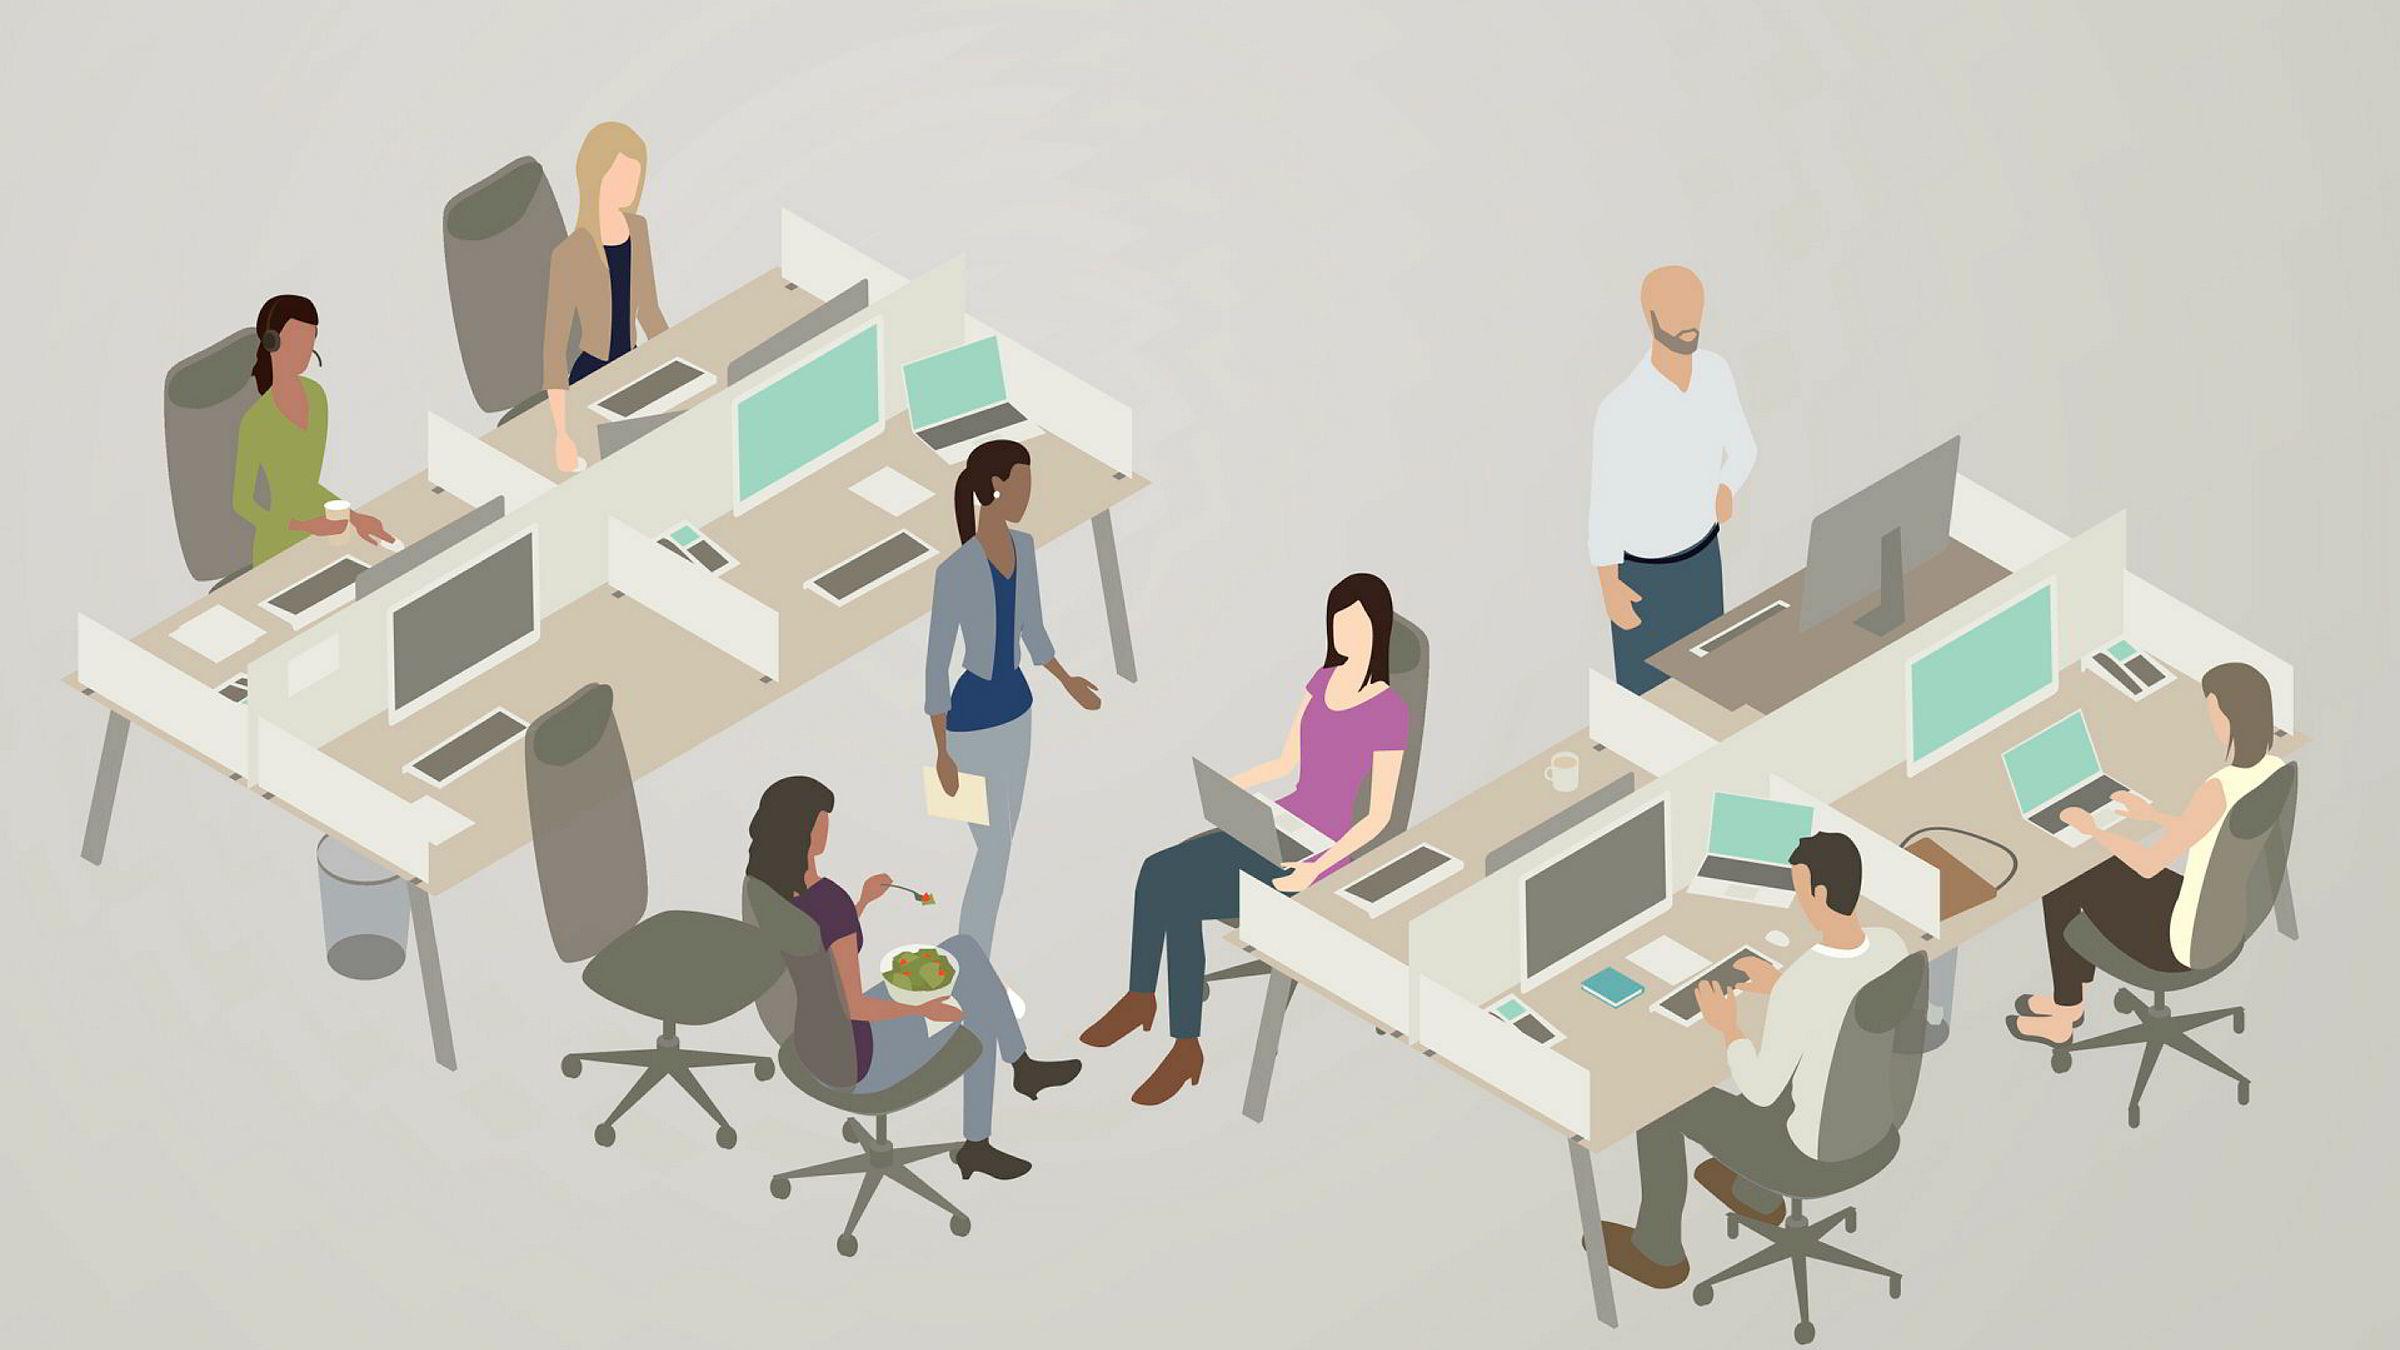 Den viktigste lærdommen fra forskningen på jobbusikkerhet er at beslutninger og tiltak som handler om reduksjon av jobbusikkerhet høyst sannsynlig representerer lønnsomme investeringer.